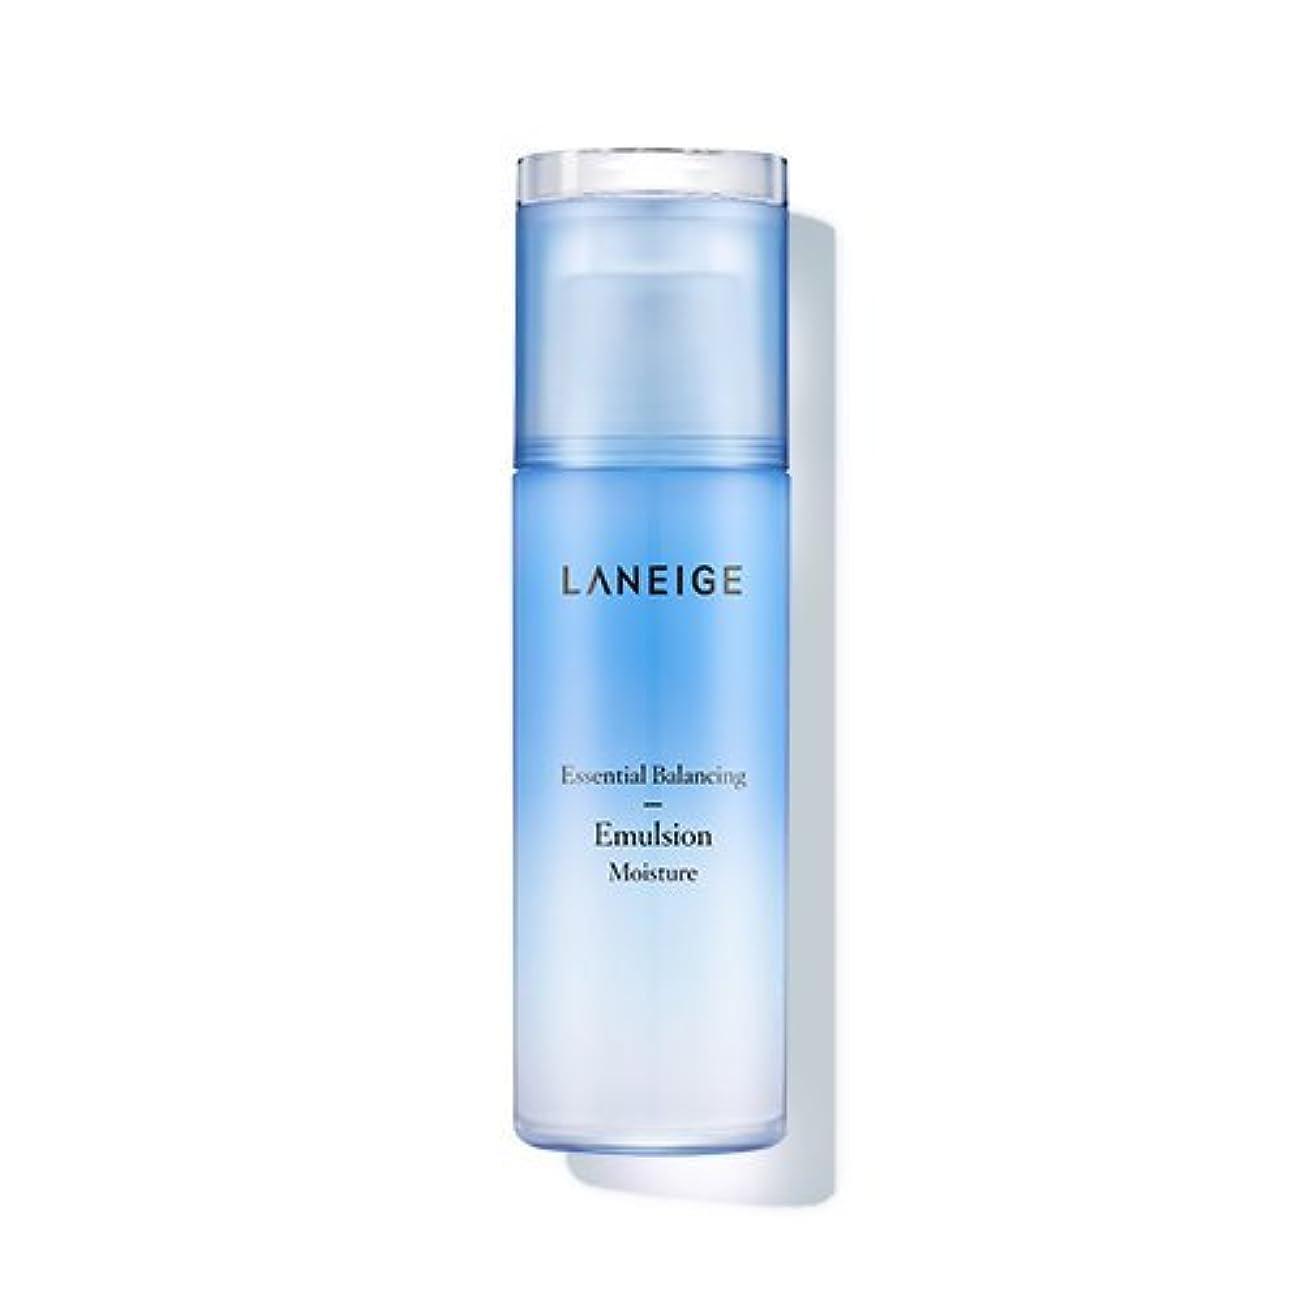 症候群段落アラバマLANEIGE Essential Balancing Emulsion Moisture 120ml/ラネージュ エッセンシャル バランシング エマルジョン モイスチャー 120ml [並行輸入品]